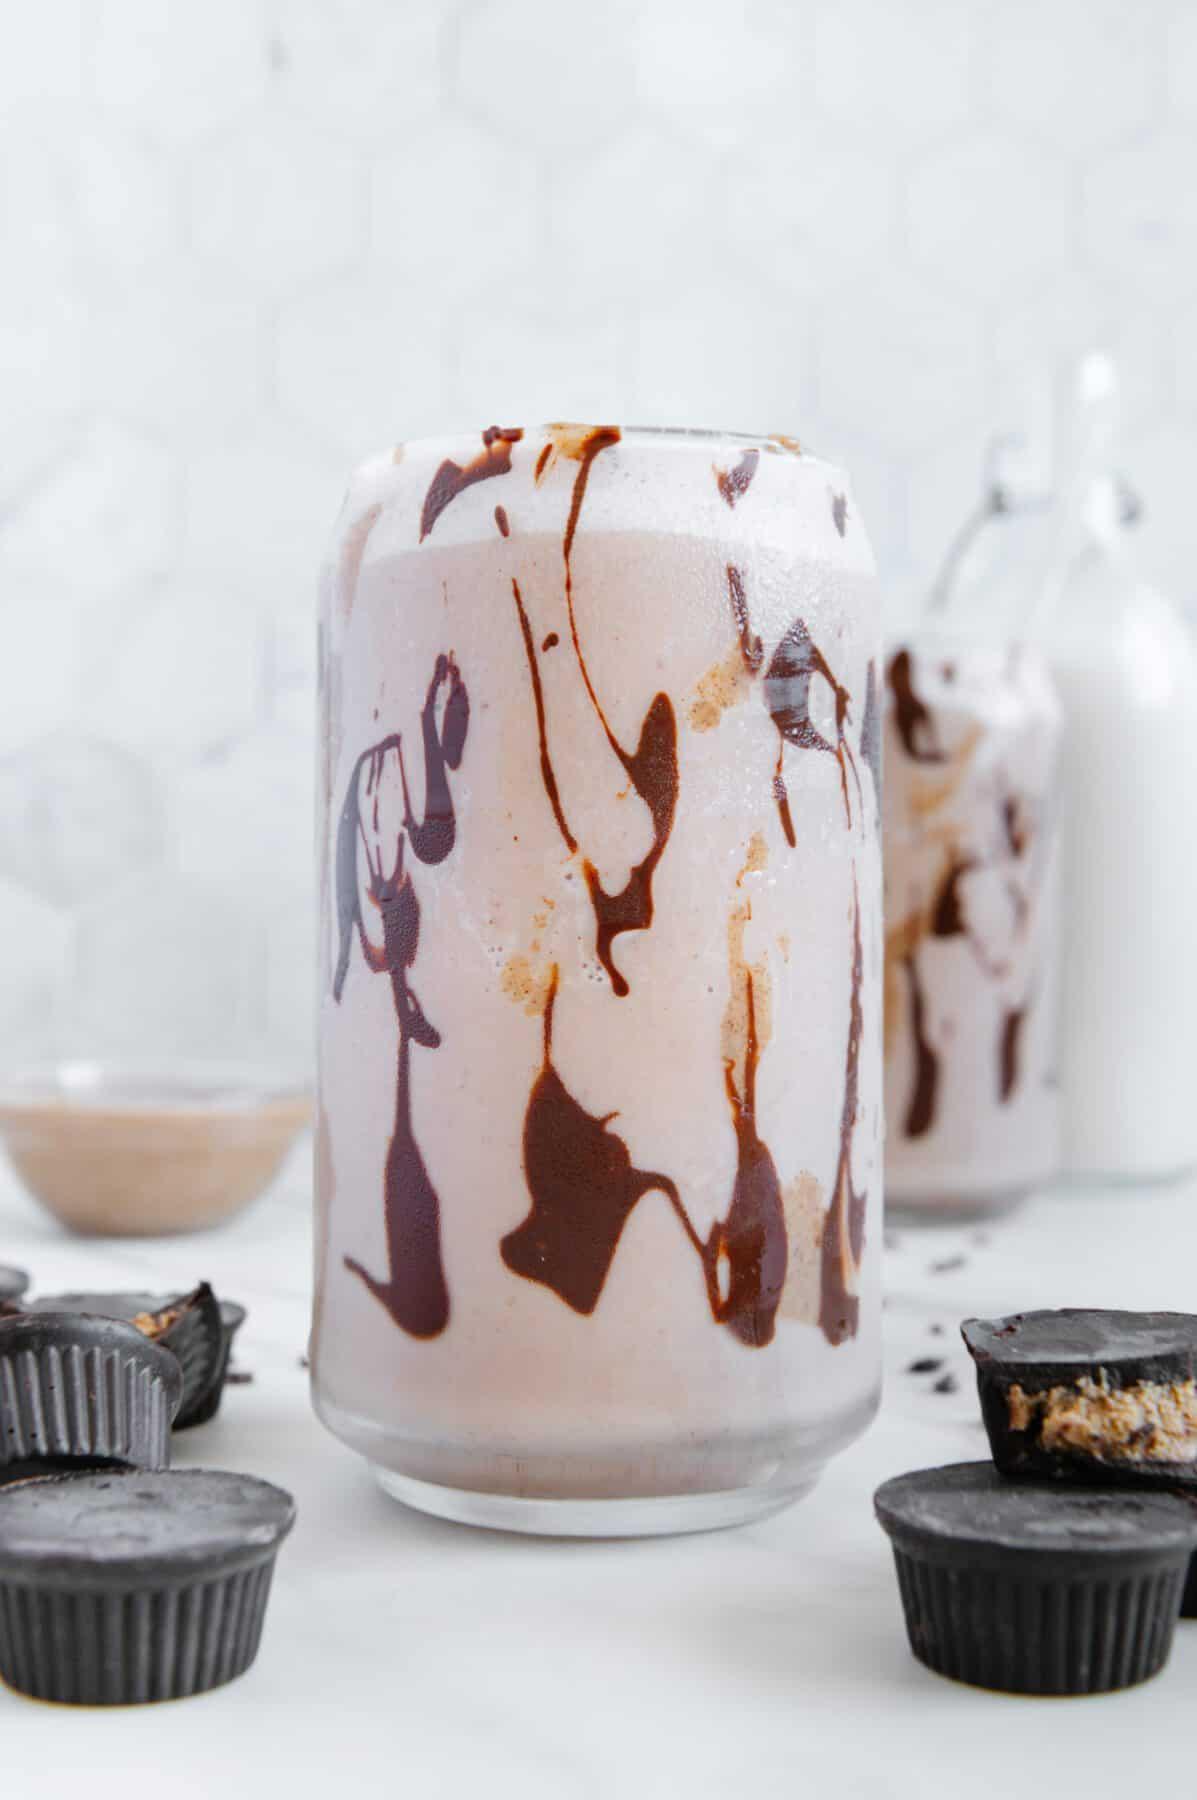 Chocolate Almond Smoothie Recipe